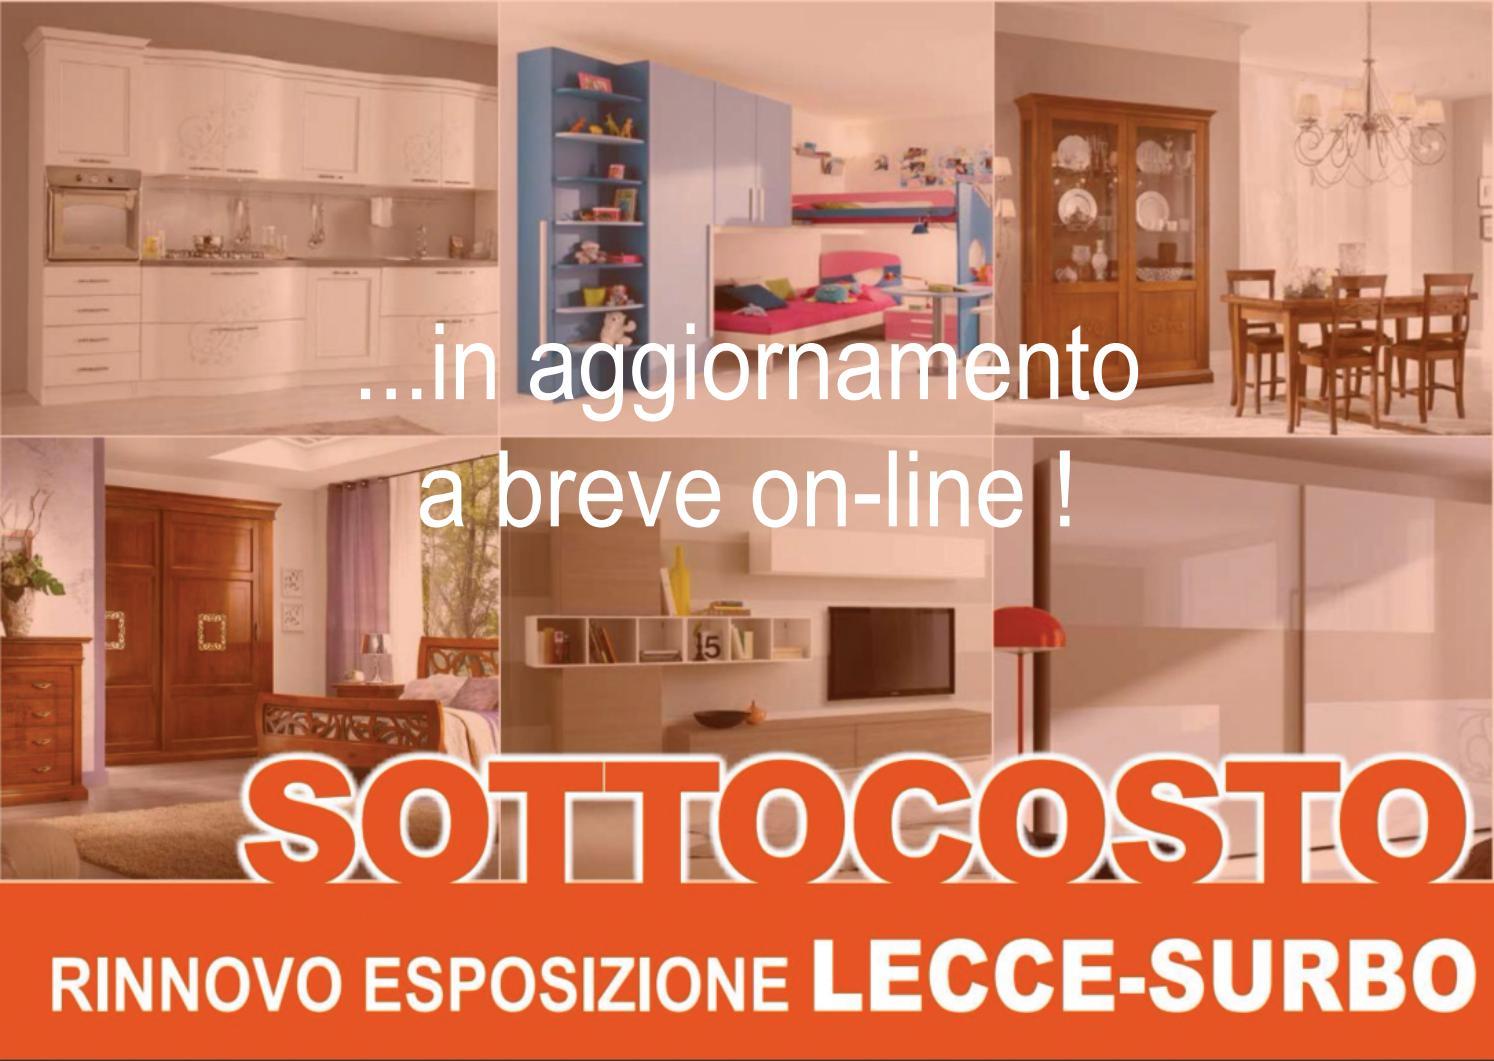 Rinnovo esposizione lecce surbo 2017 by asta mobili issuu for Saldi mobili 2016